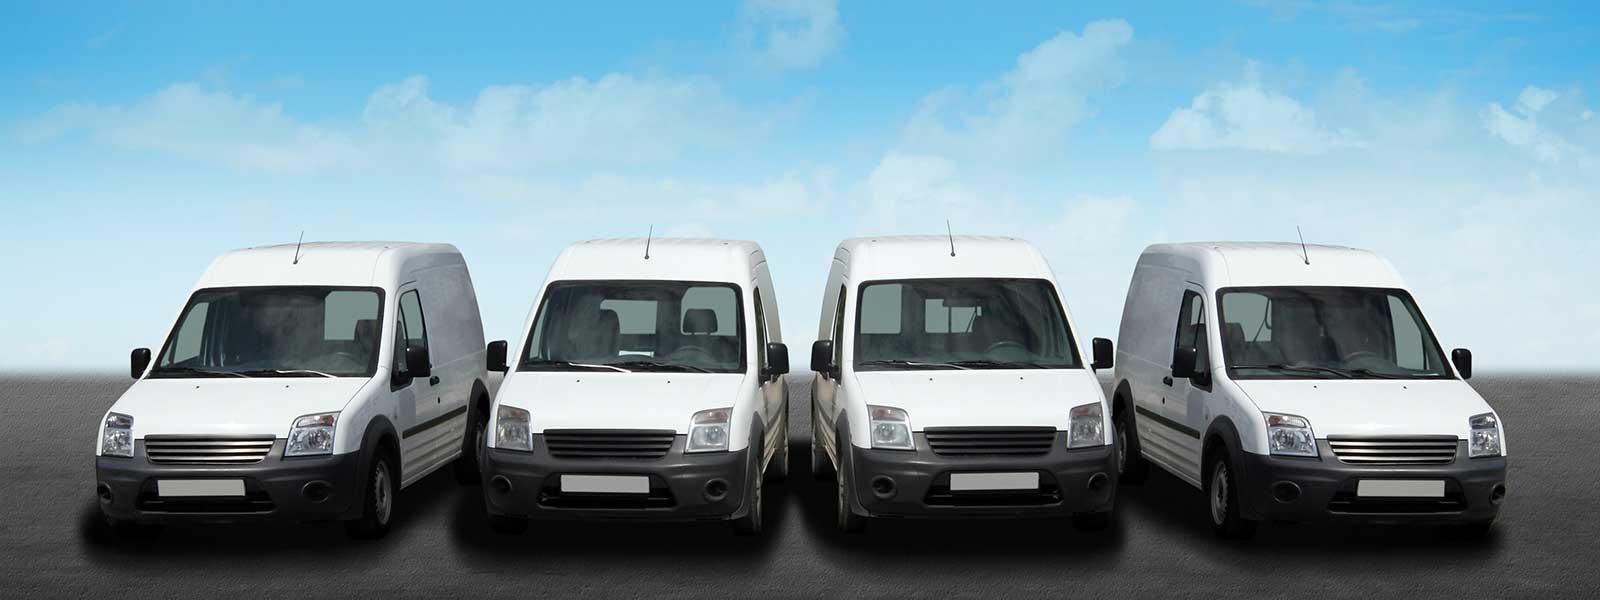 fleet vans